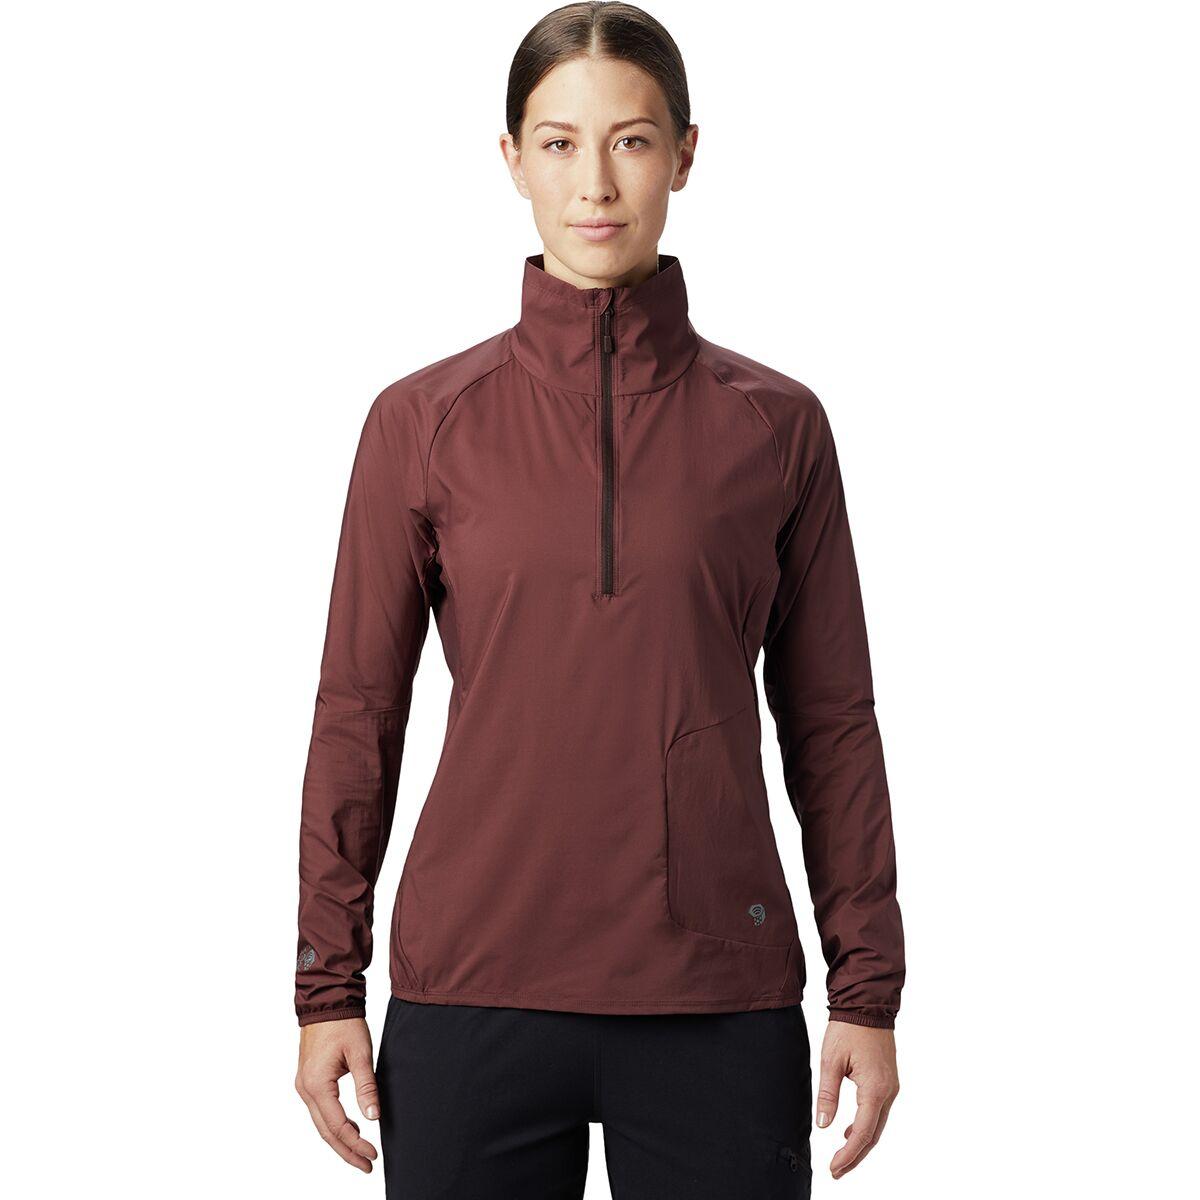 Kor Preshell Pullover Jacket - Women